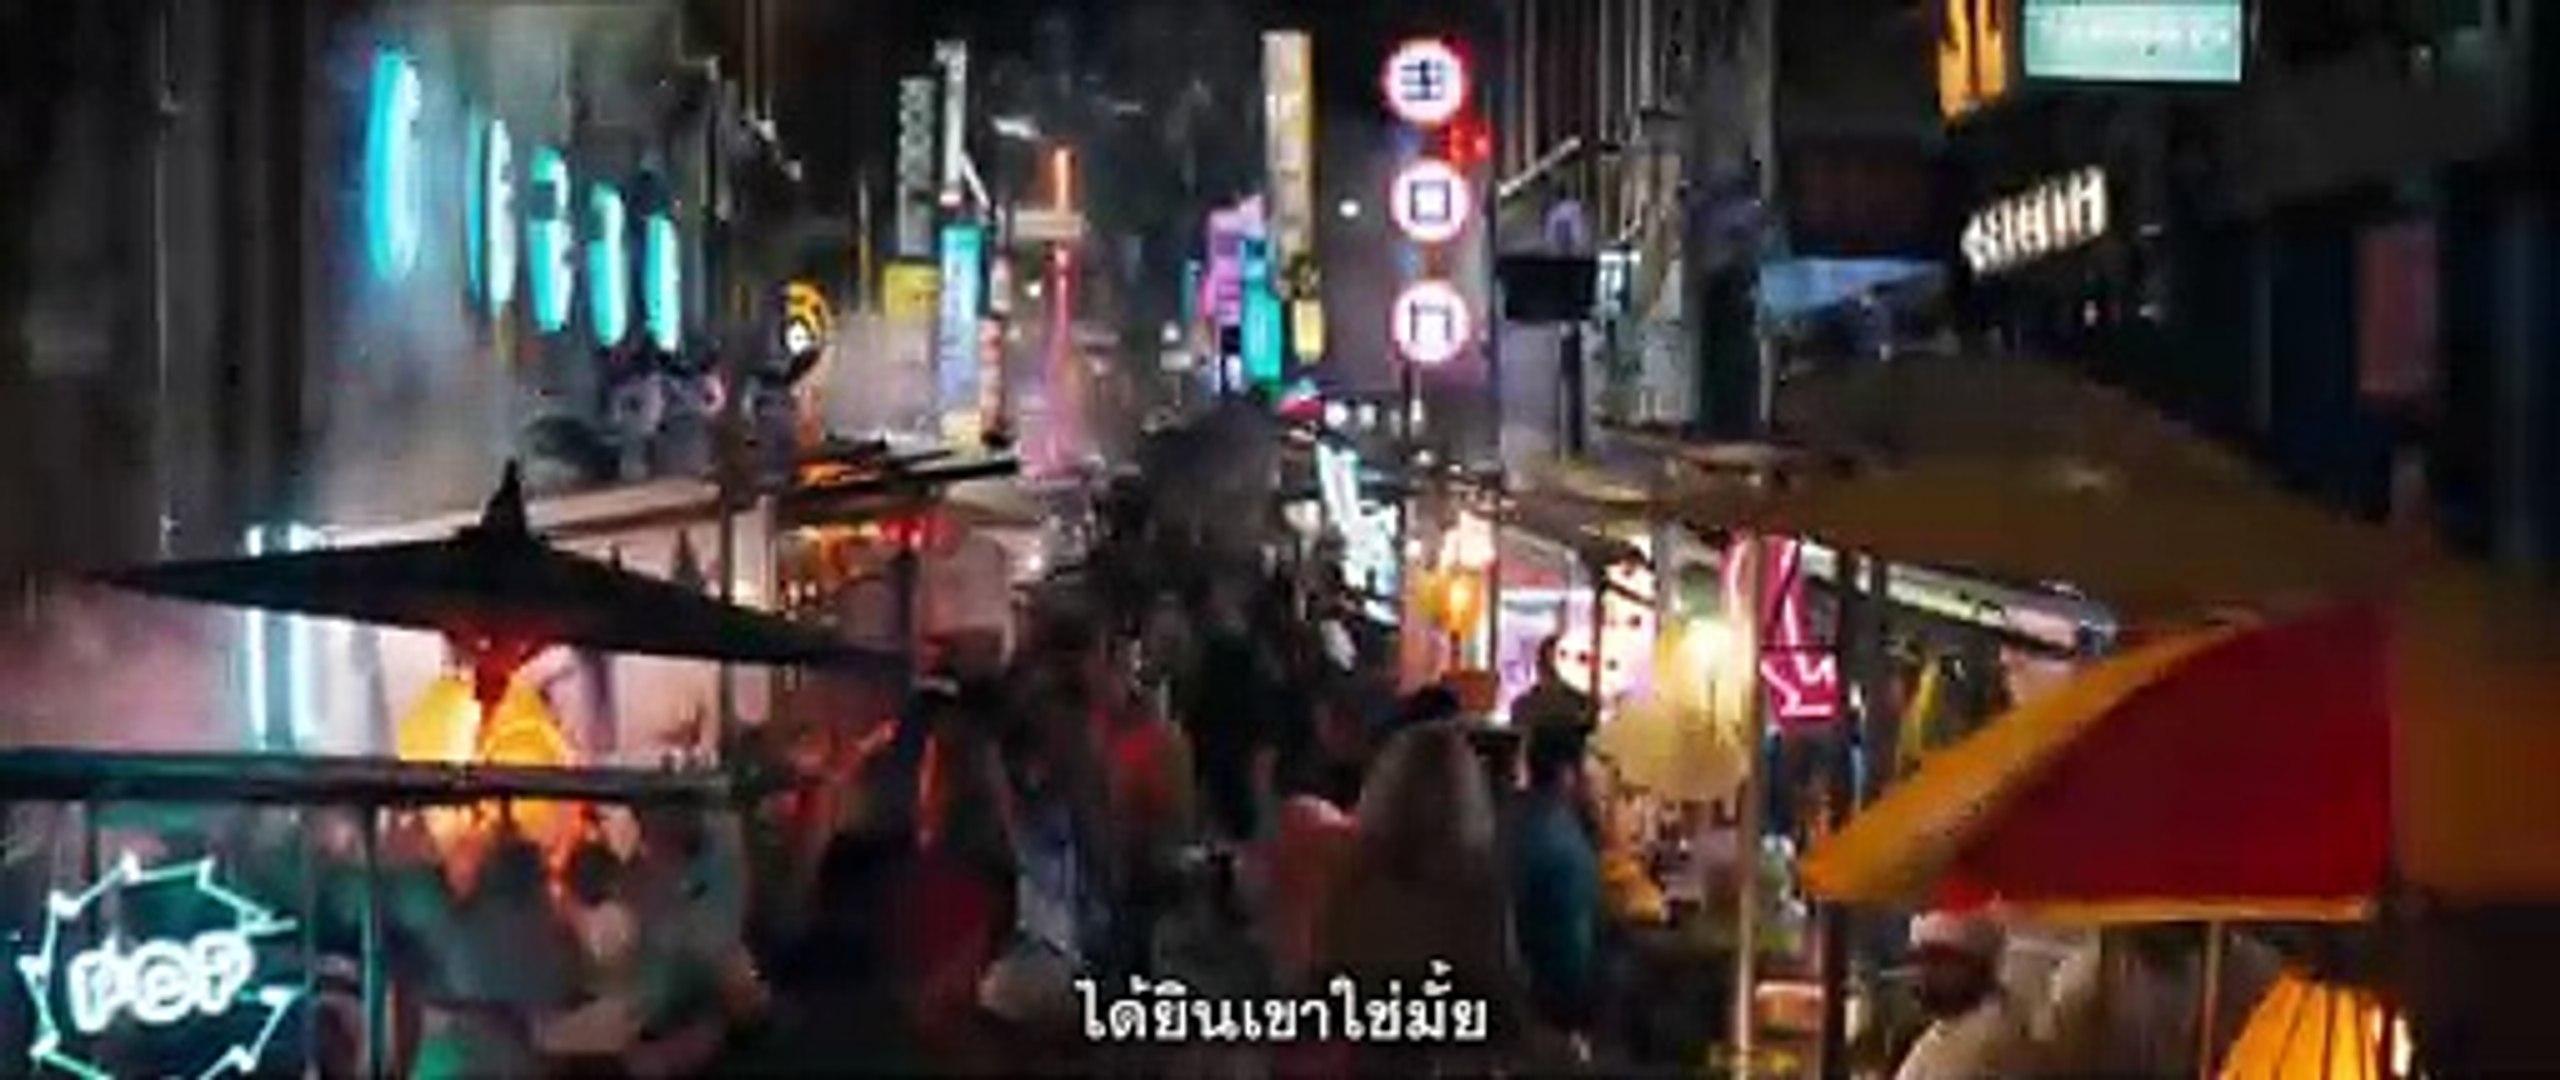 หนัง POKÉMON Detective Pikachu – Understand TV Spot (ซับไทย)